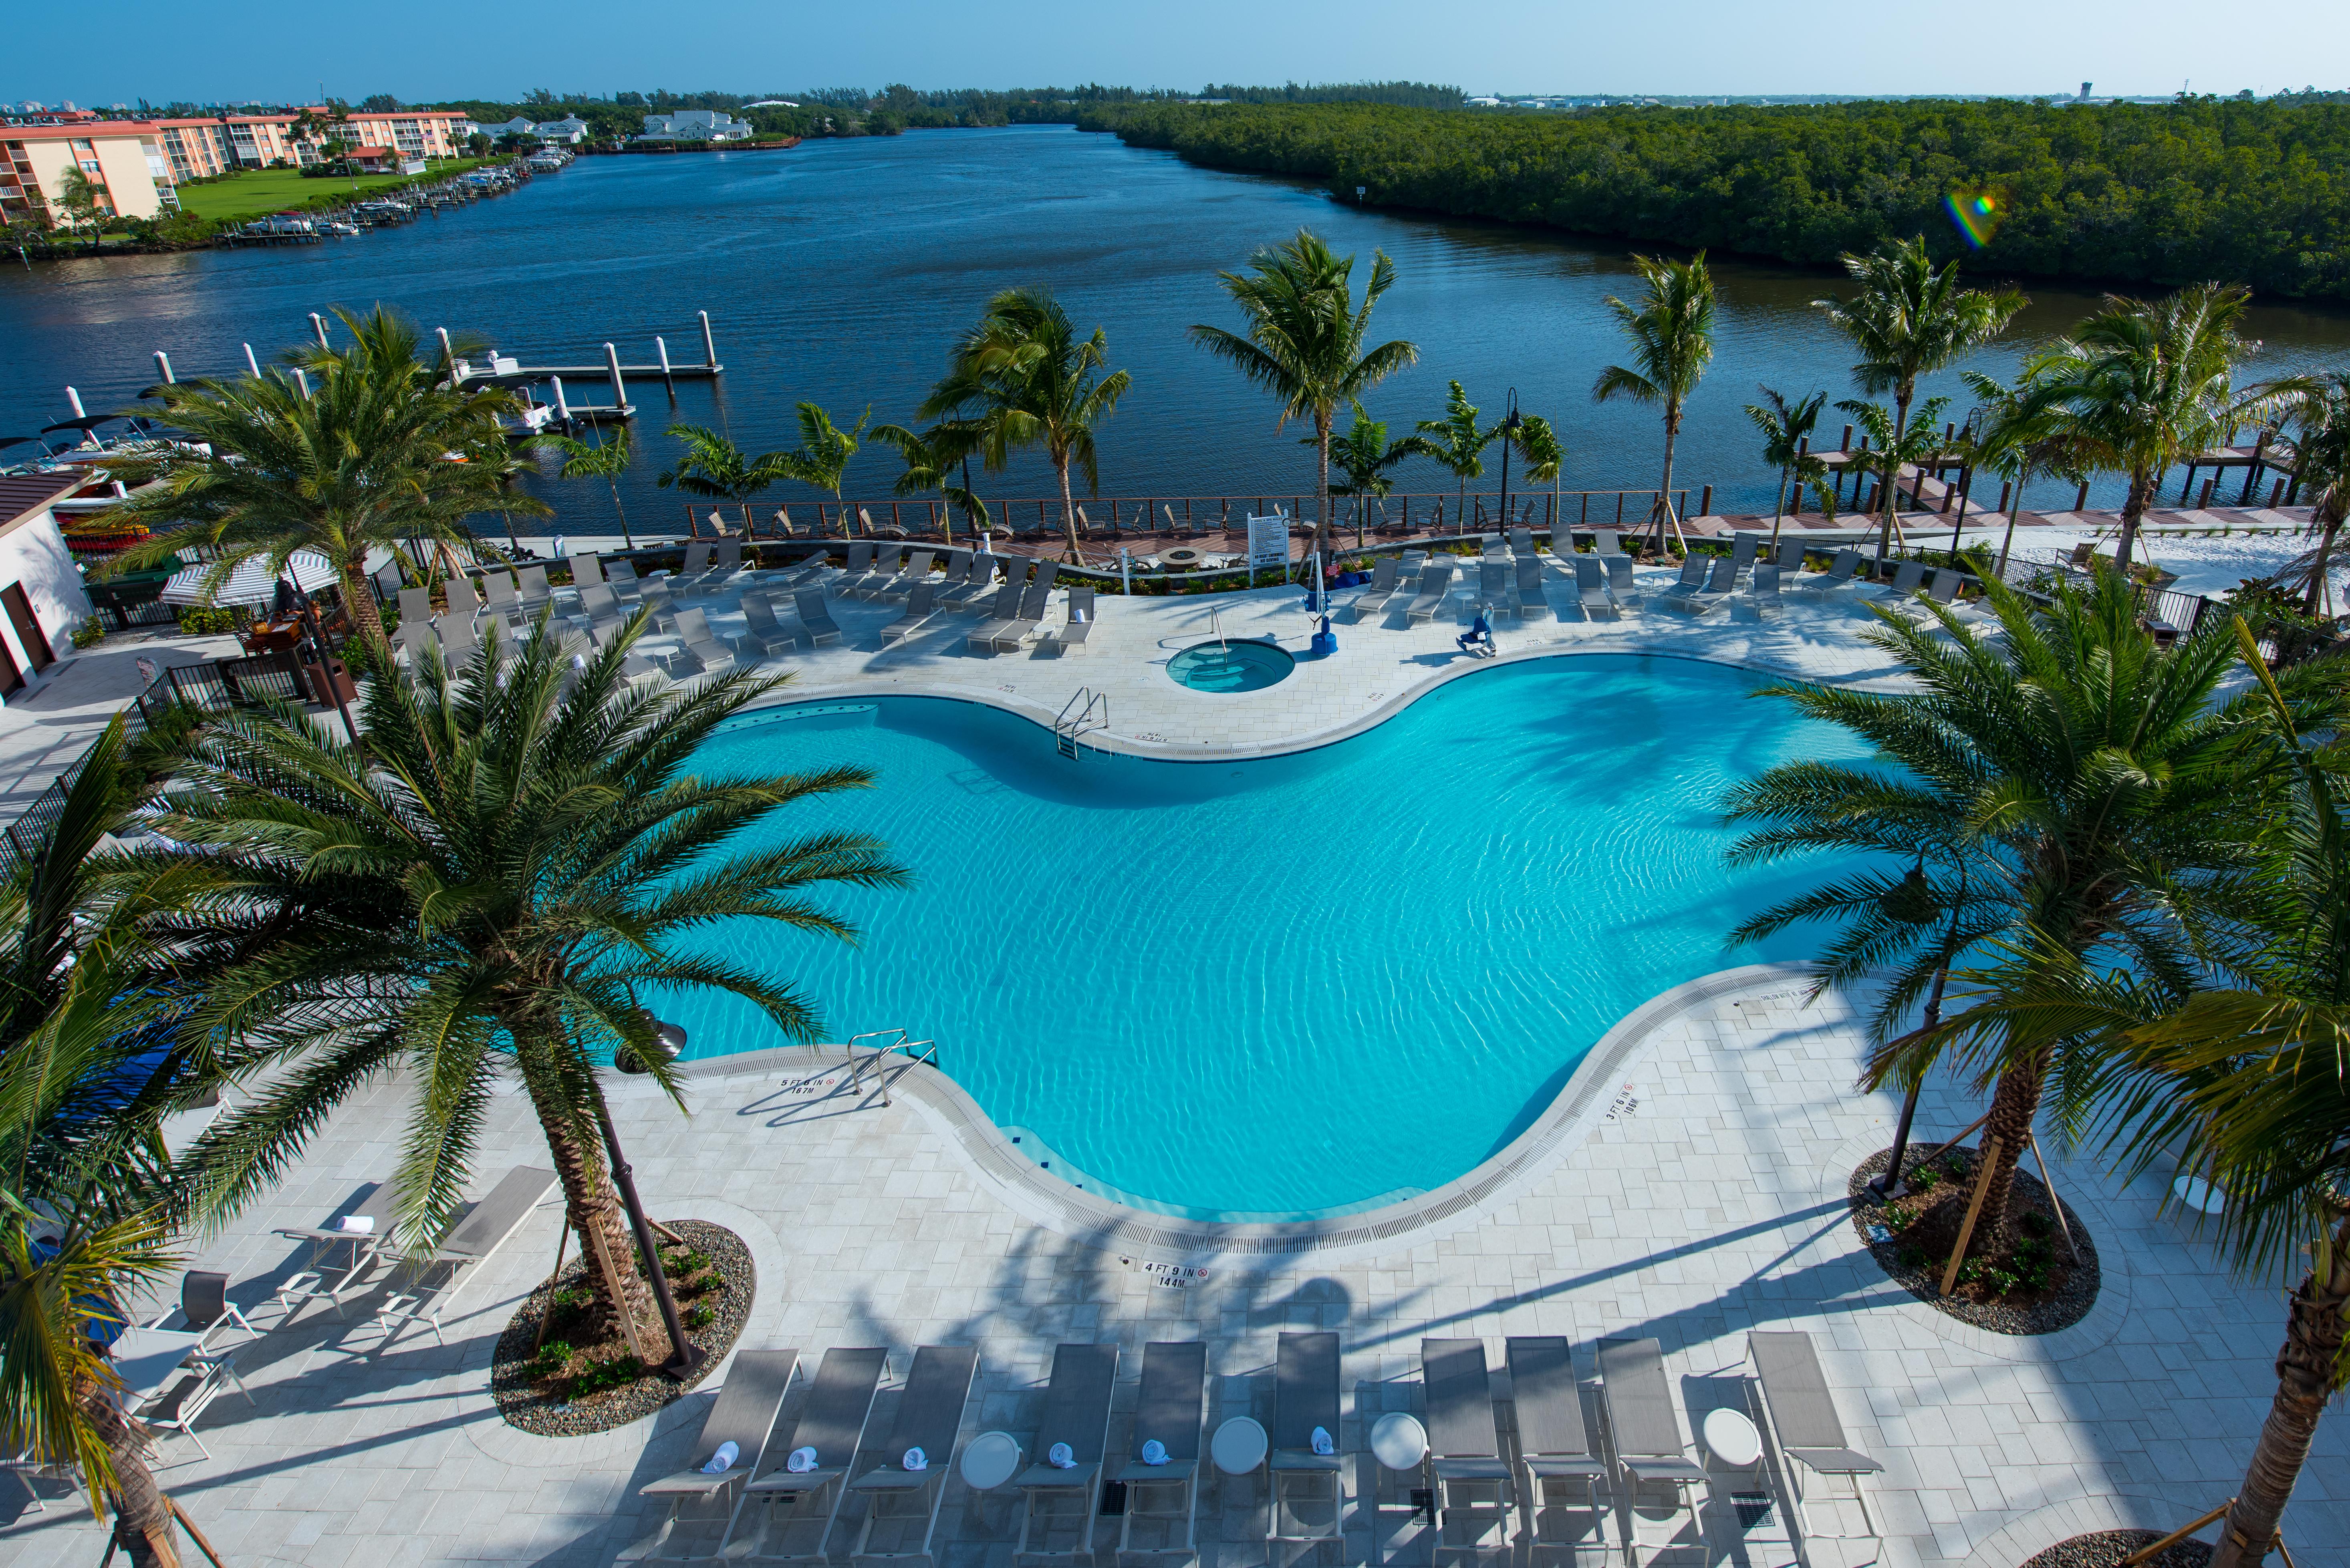 Naples_Florida_Hyatt House